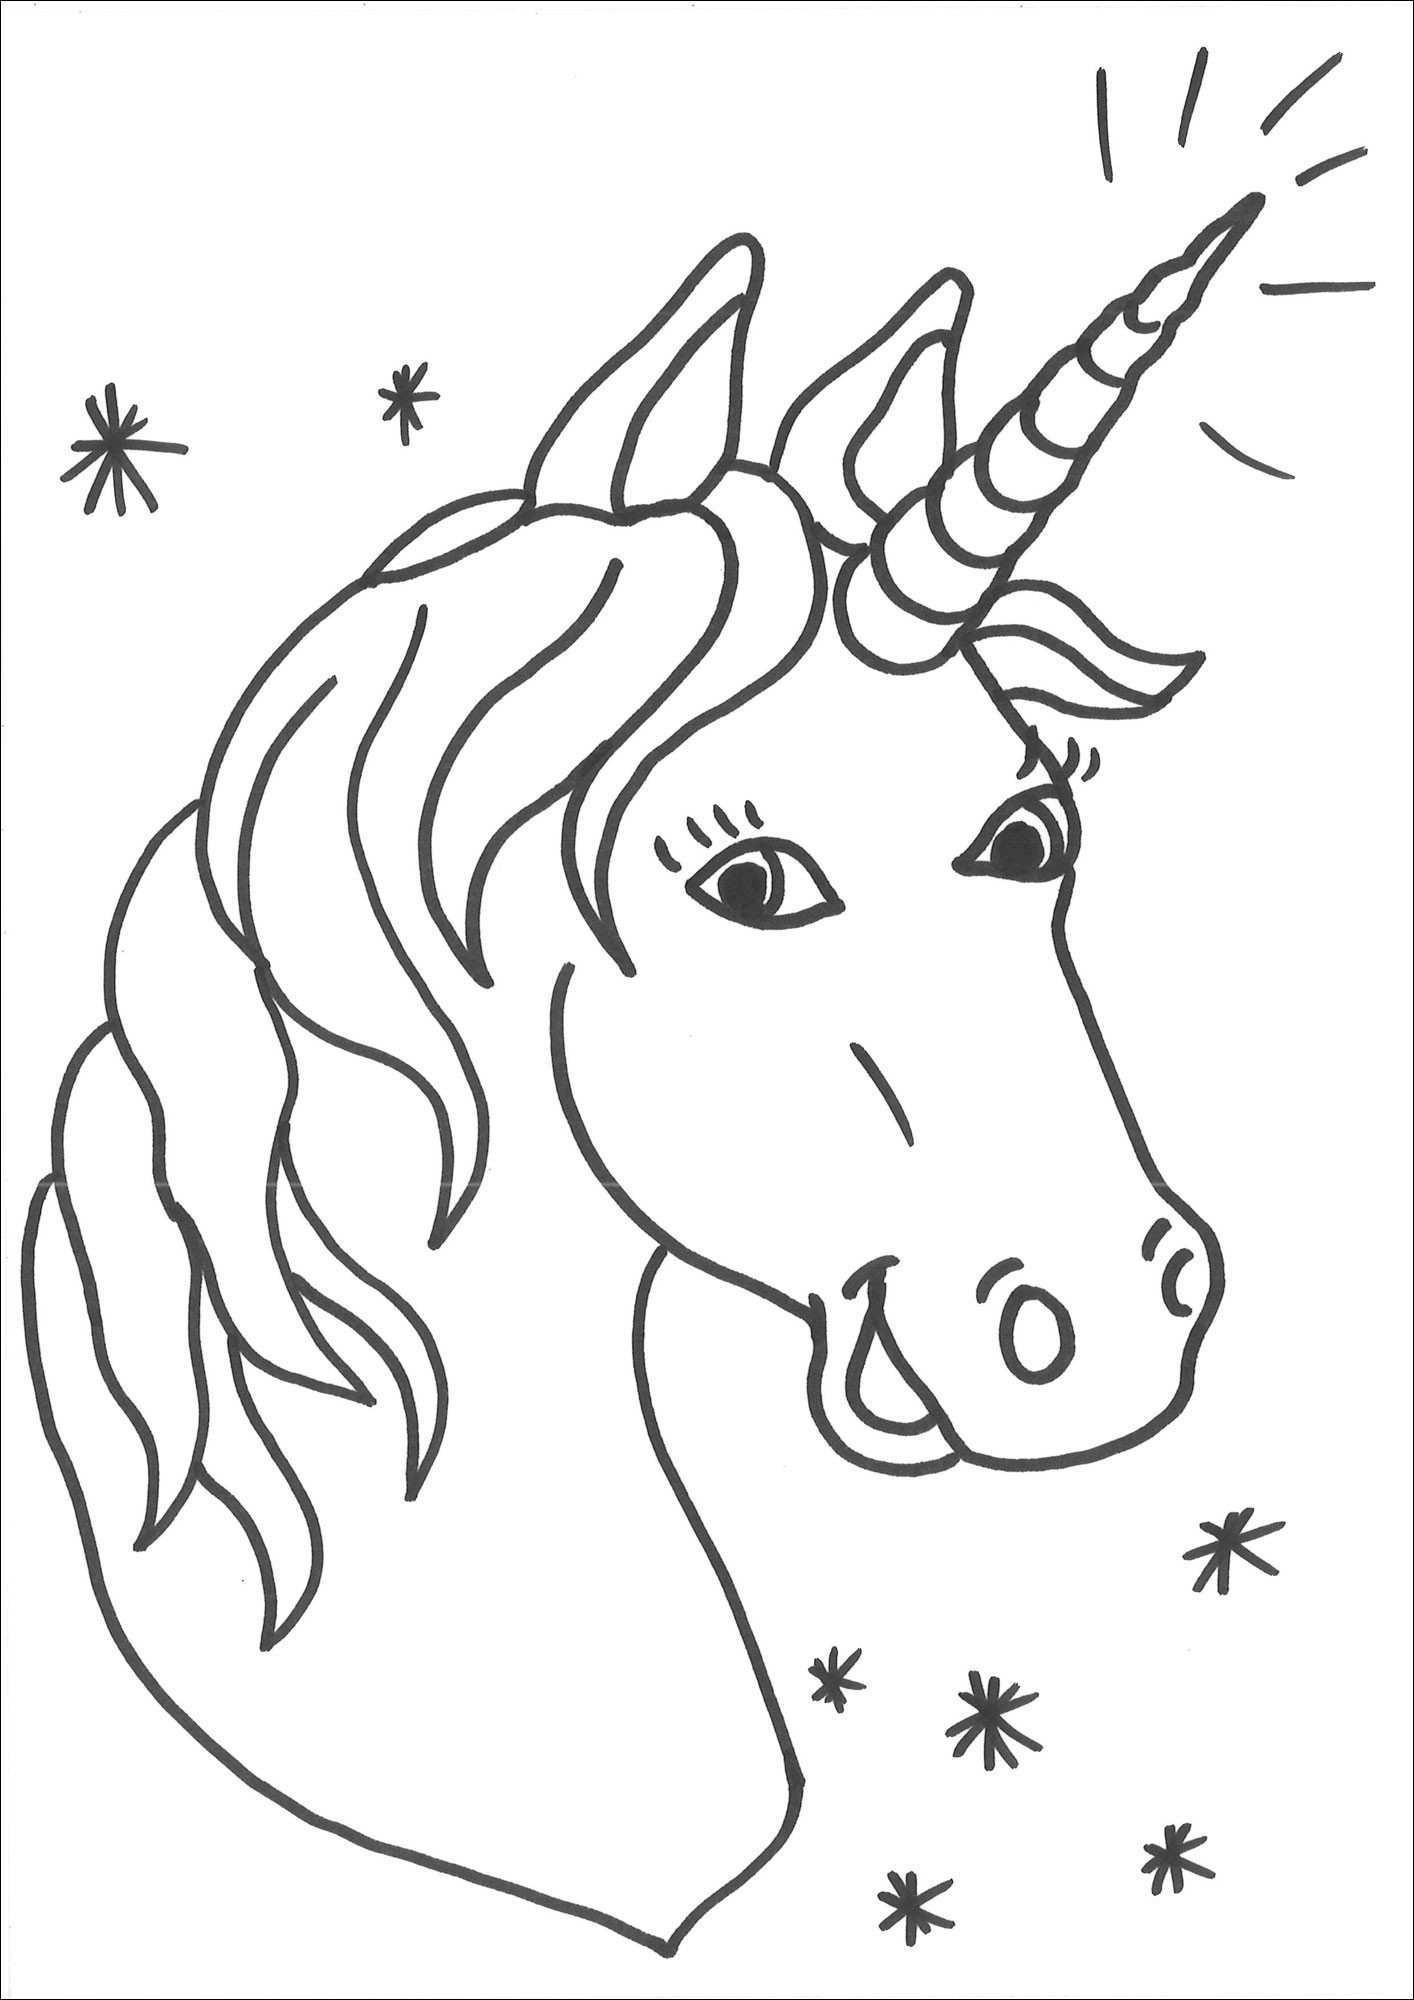 Ausmalbilder Prinzessin Pegasus Das Beste Von Malvorlage Einhorn Mit Flügel Und Ein Mensch Fmdf Das Bild